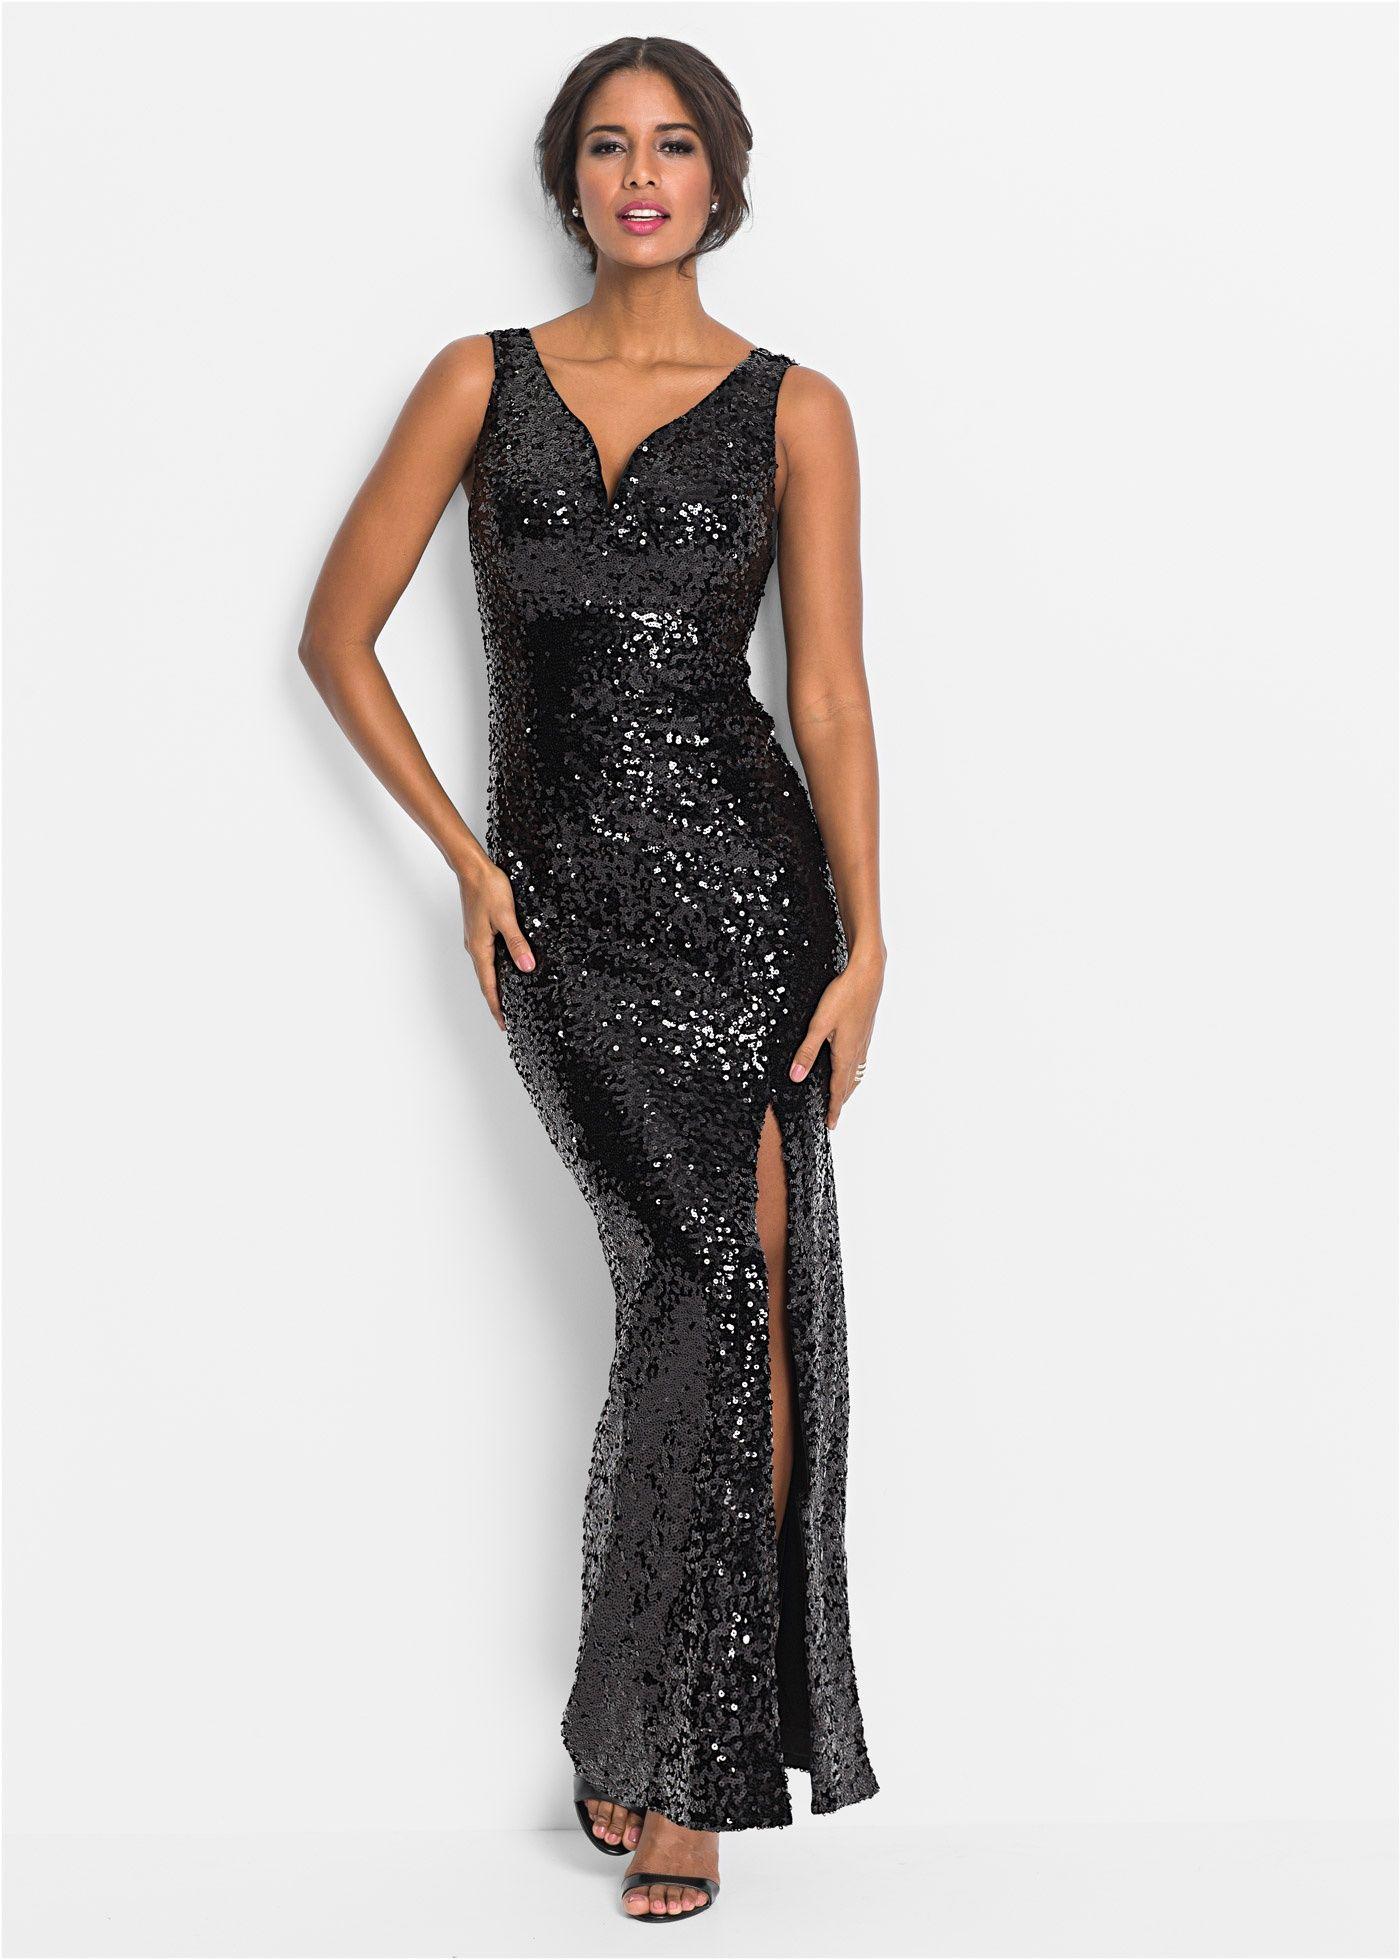 5287dfd931a1dd Paillettenkleid schwarz - BODYFLIRT boutique jetzt im Online Shop von  bonprix.de ab ? 69